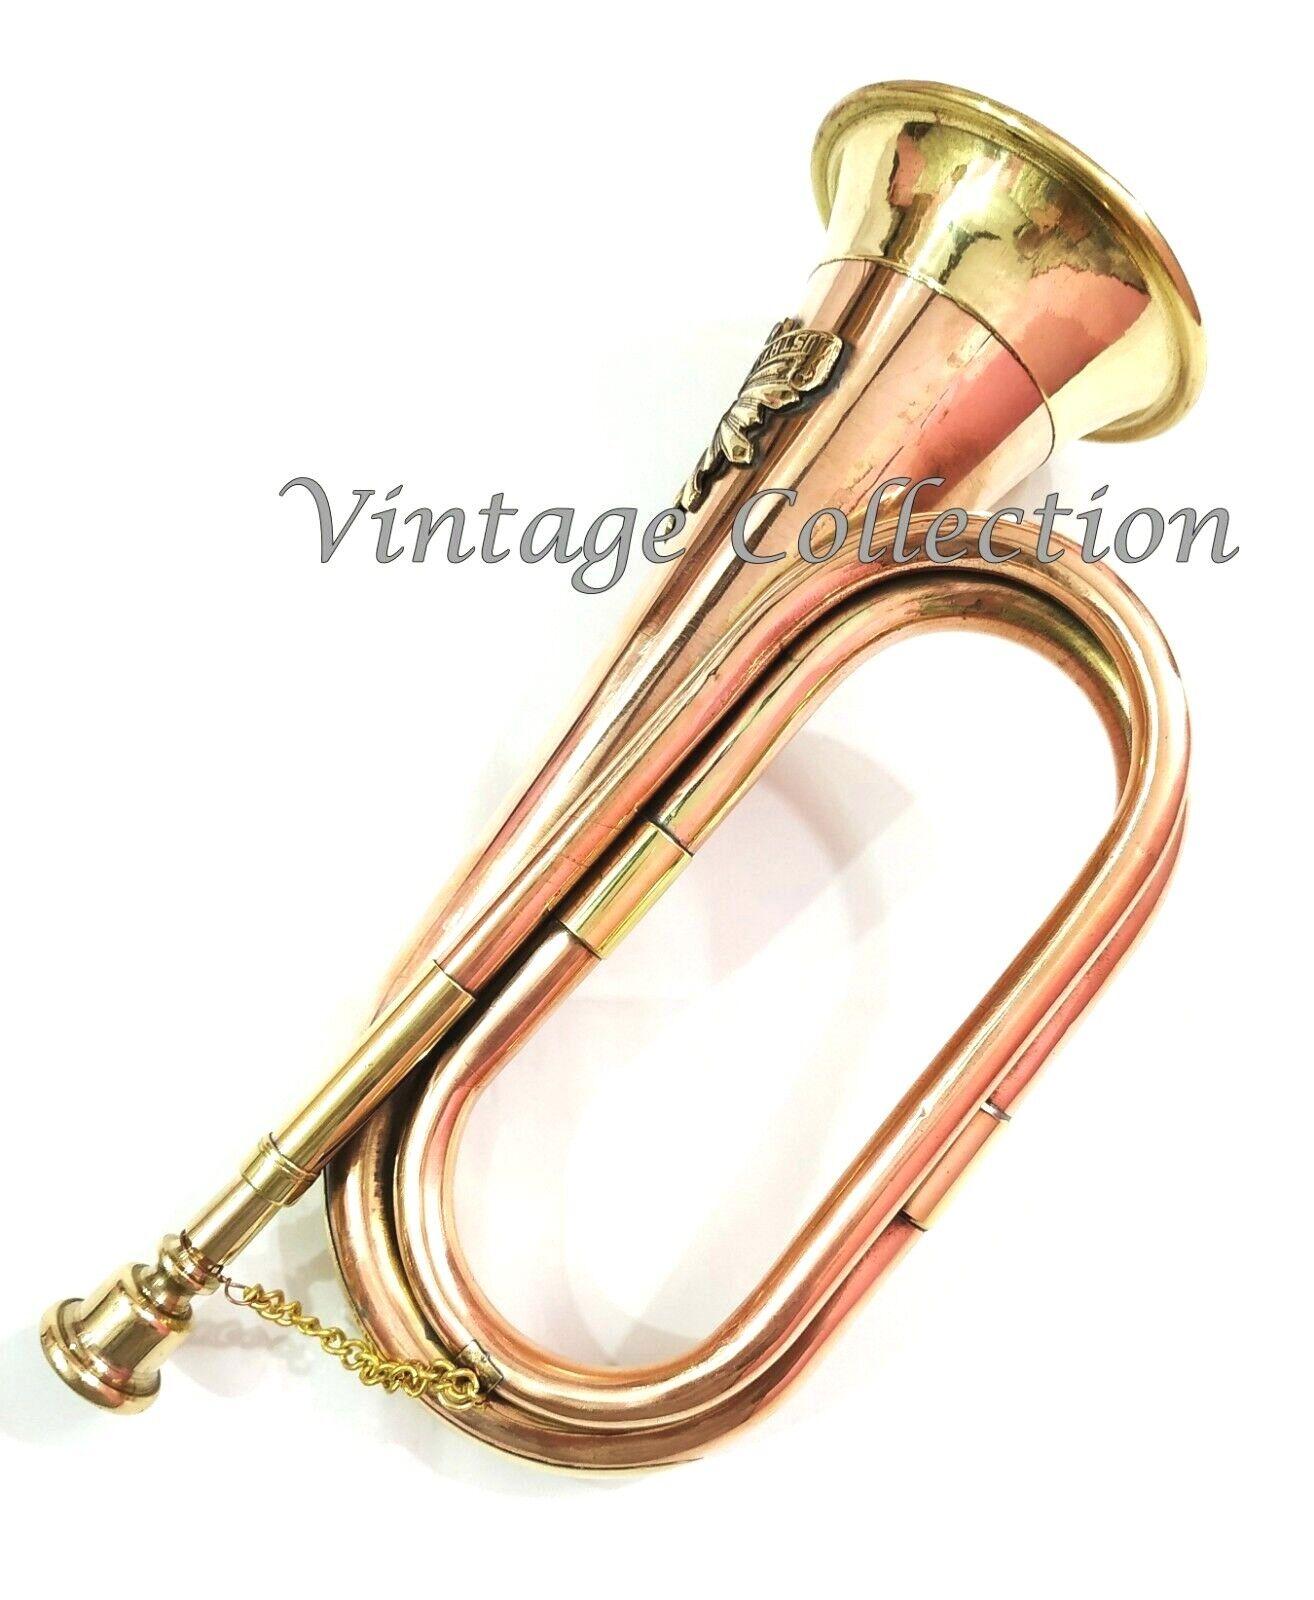 B-WARE Bb-Trompete Jazztrompete Messing 125mm Blasinstrument Koffer Mundstück